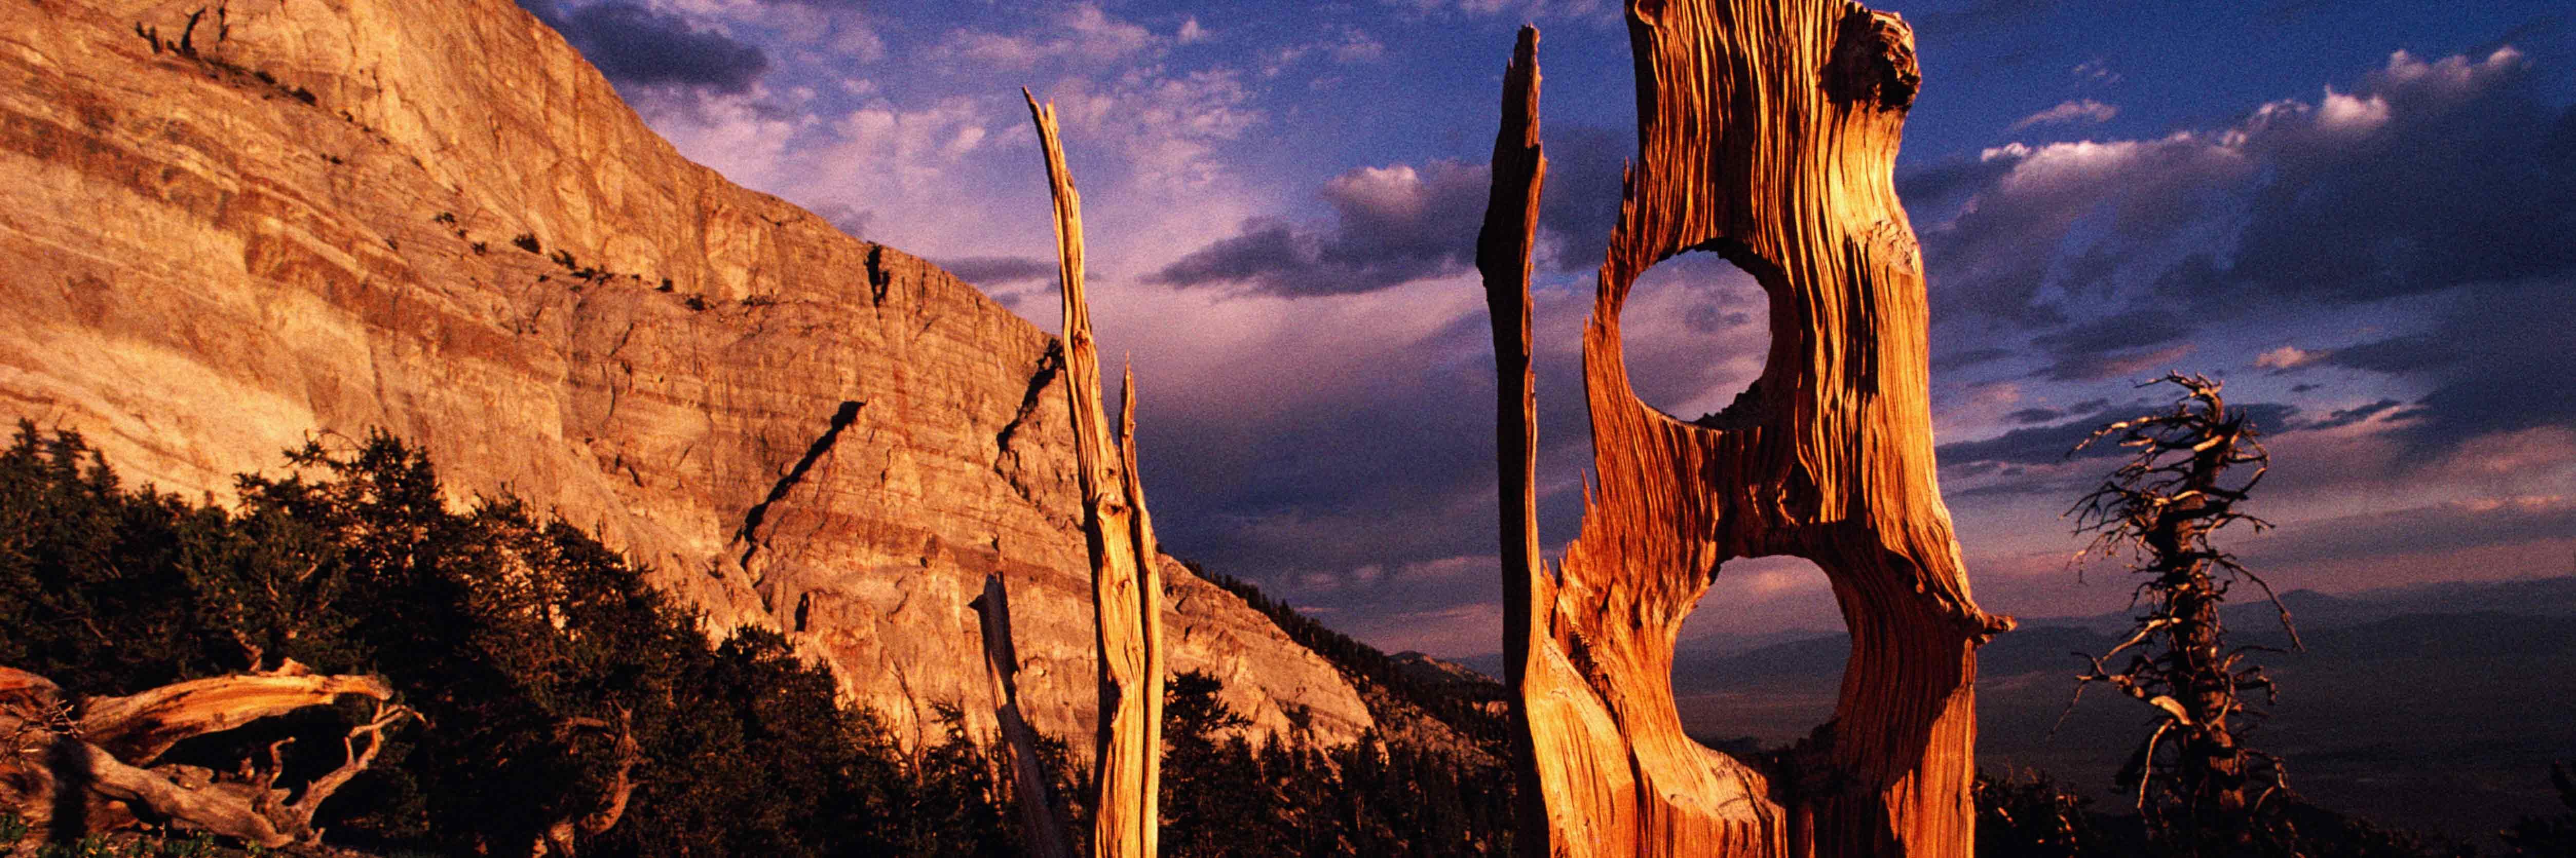 Colorado Springs great basin